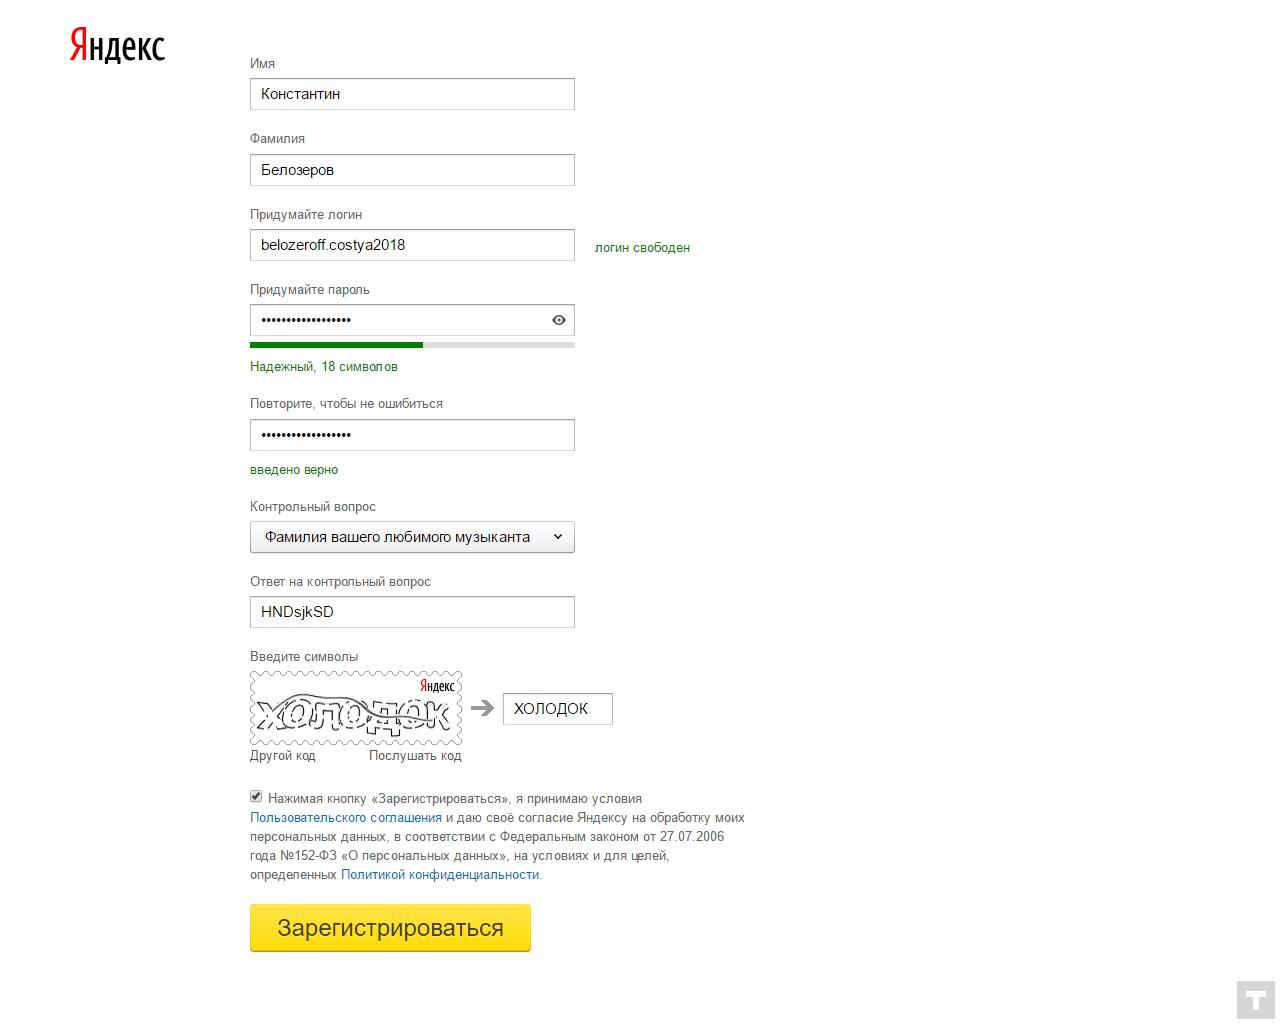 Продолжение регистрации на Яндексе